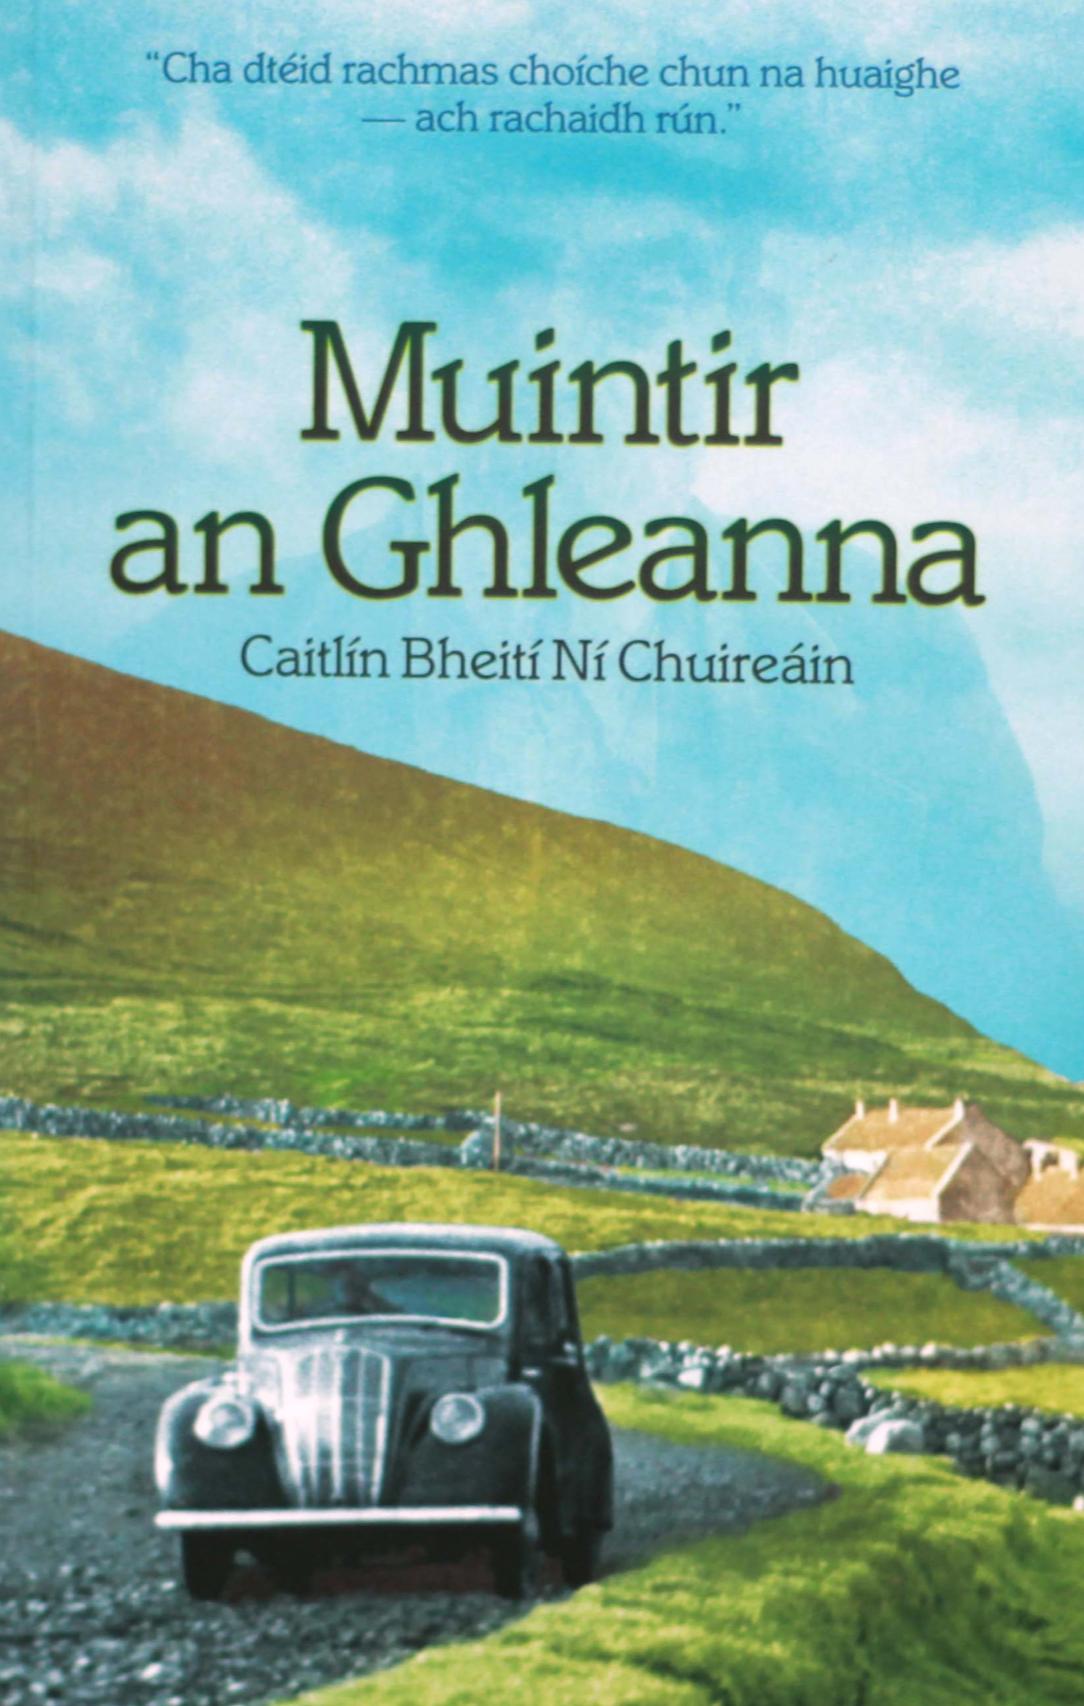 Muintir an Ghleanna